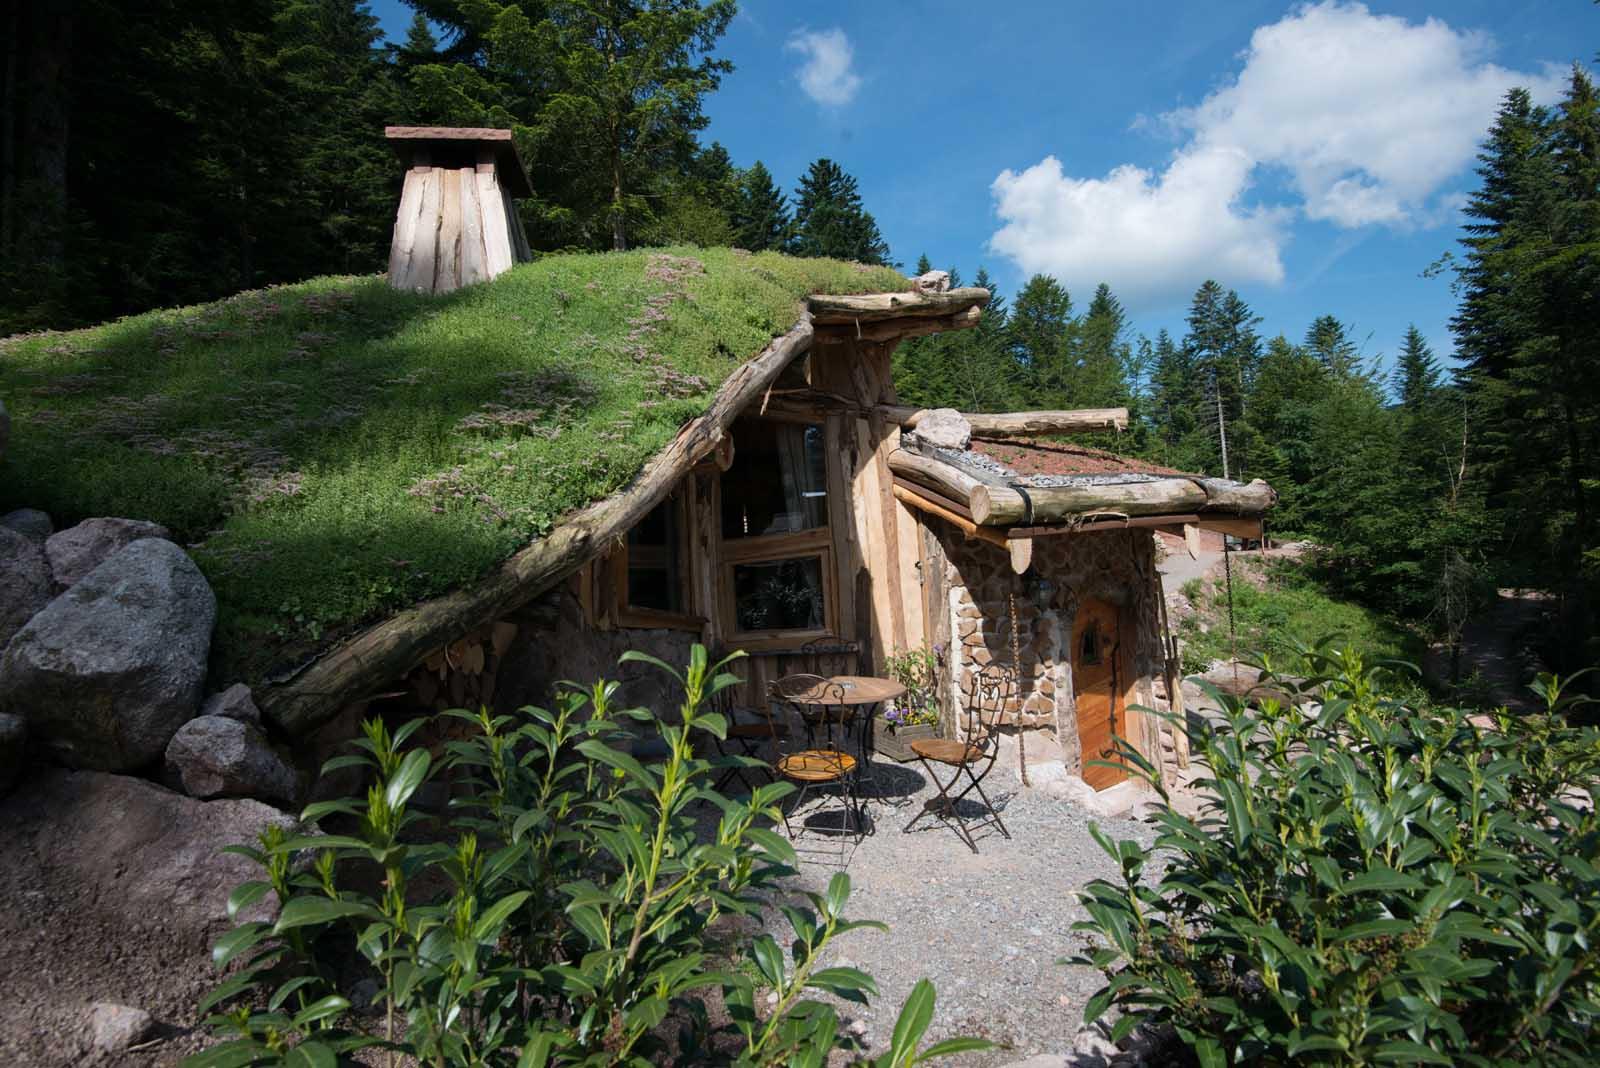 cabane hobbit france vosges maison location seigneur des anneaux